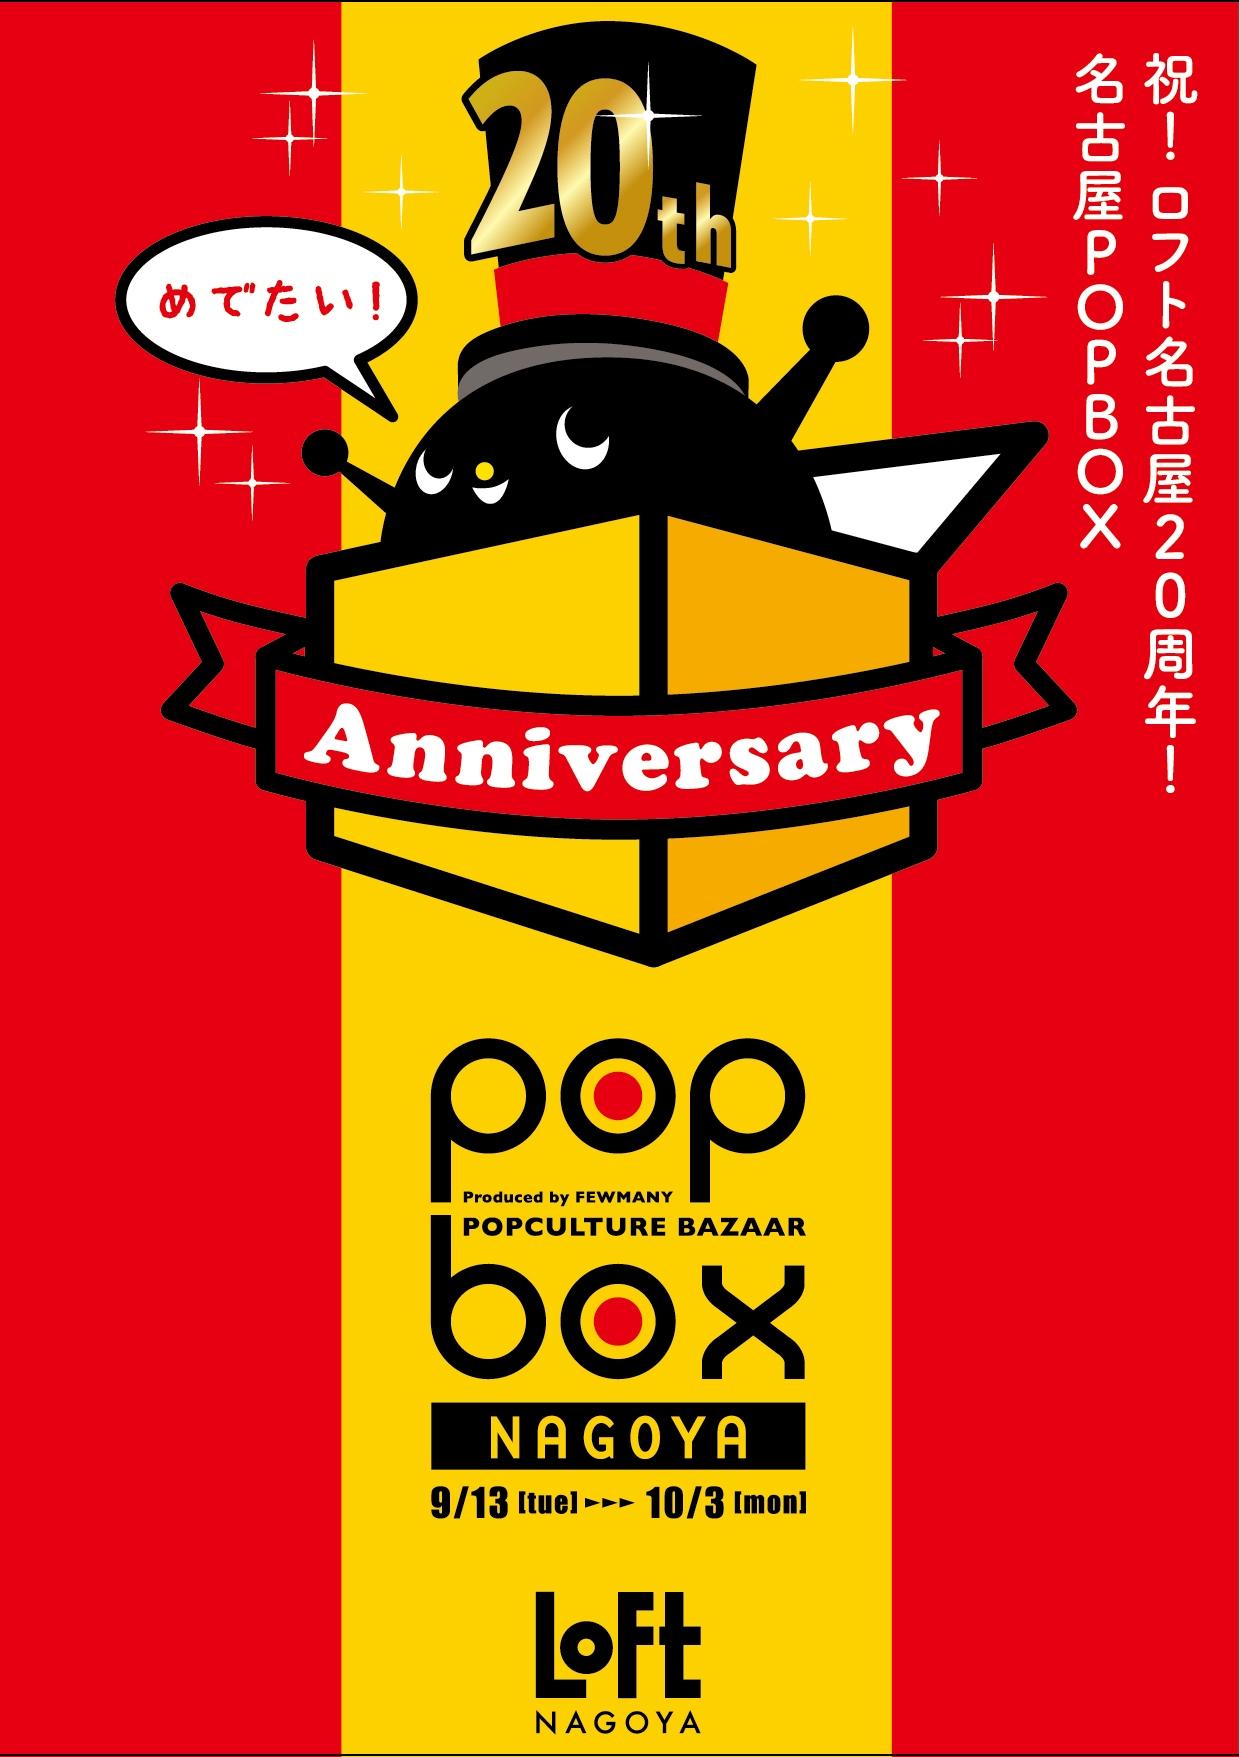 9/13~10/3 ロフト名古屋《POPBOX》開催のお知らせ_f0010033_19513856.jpg